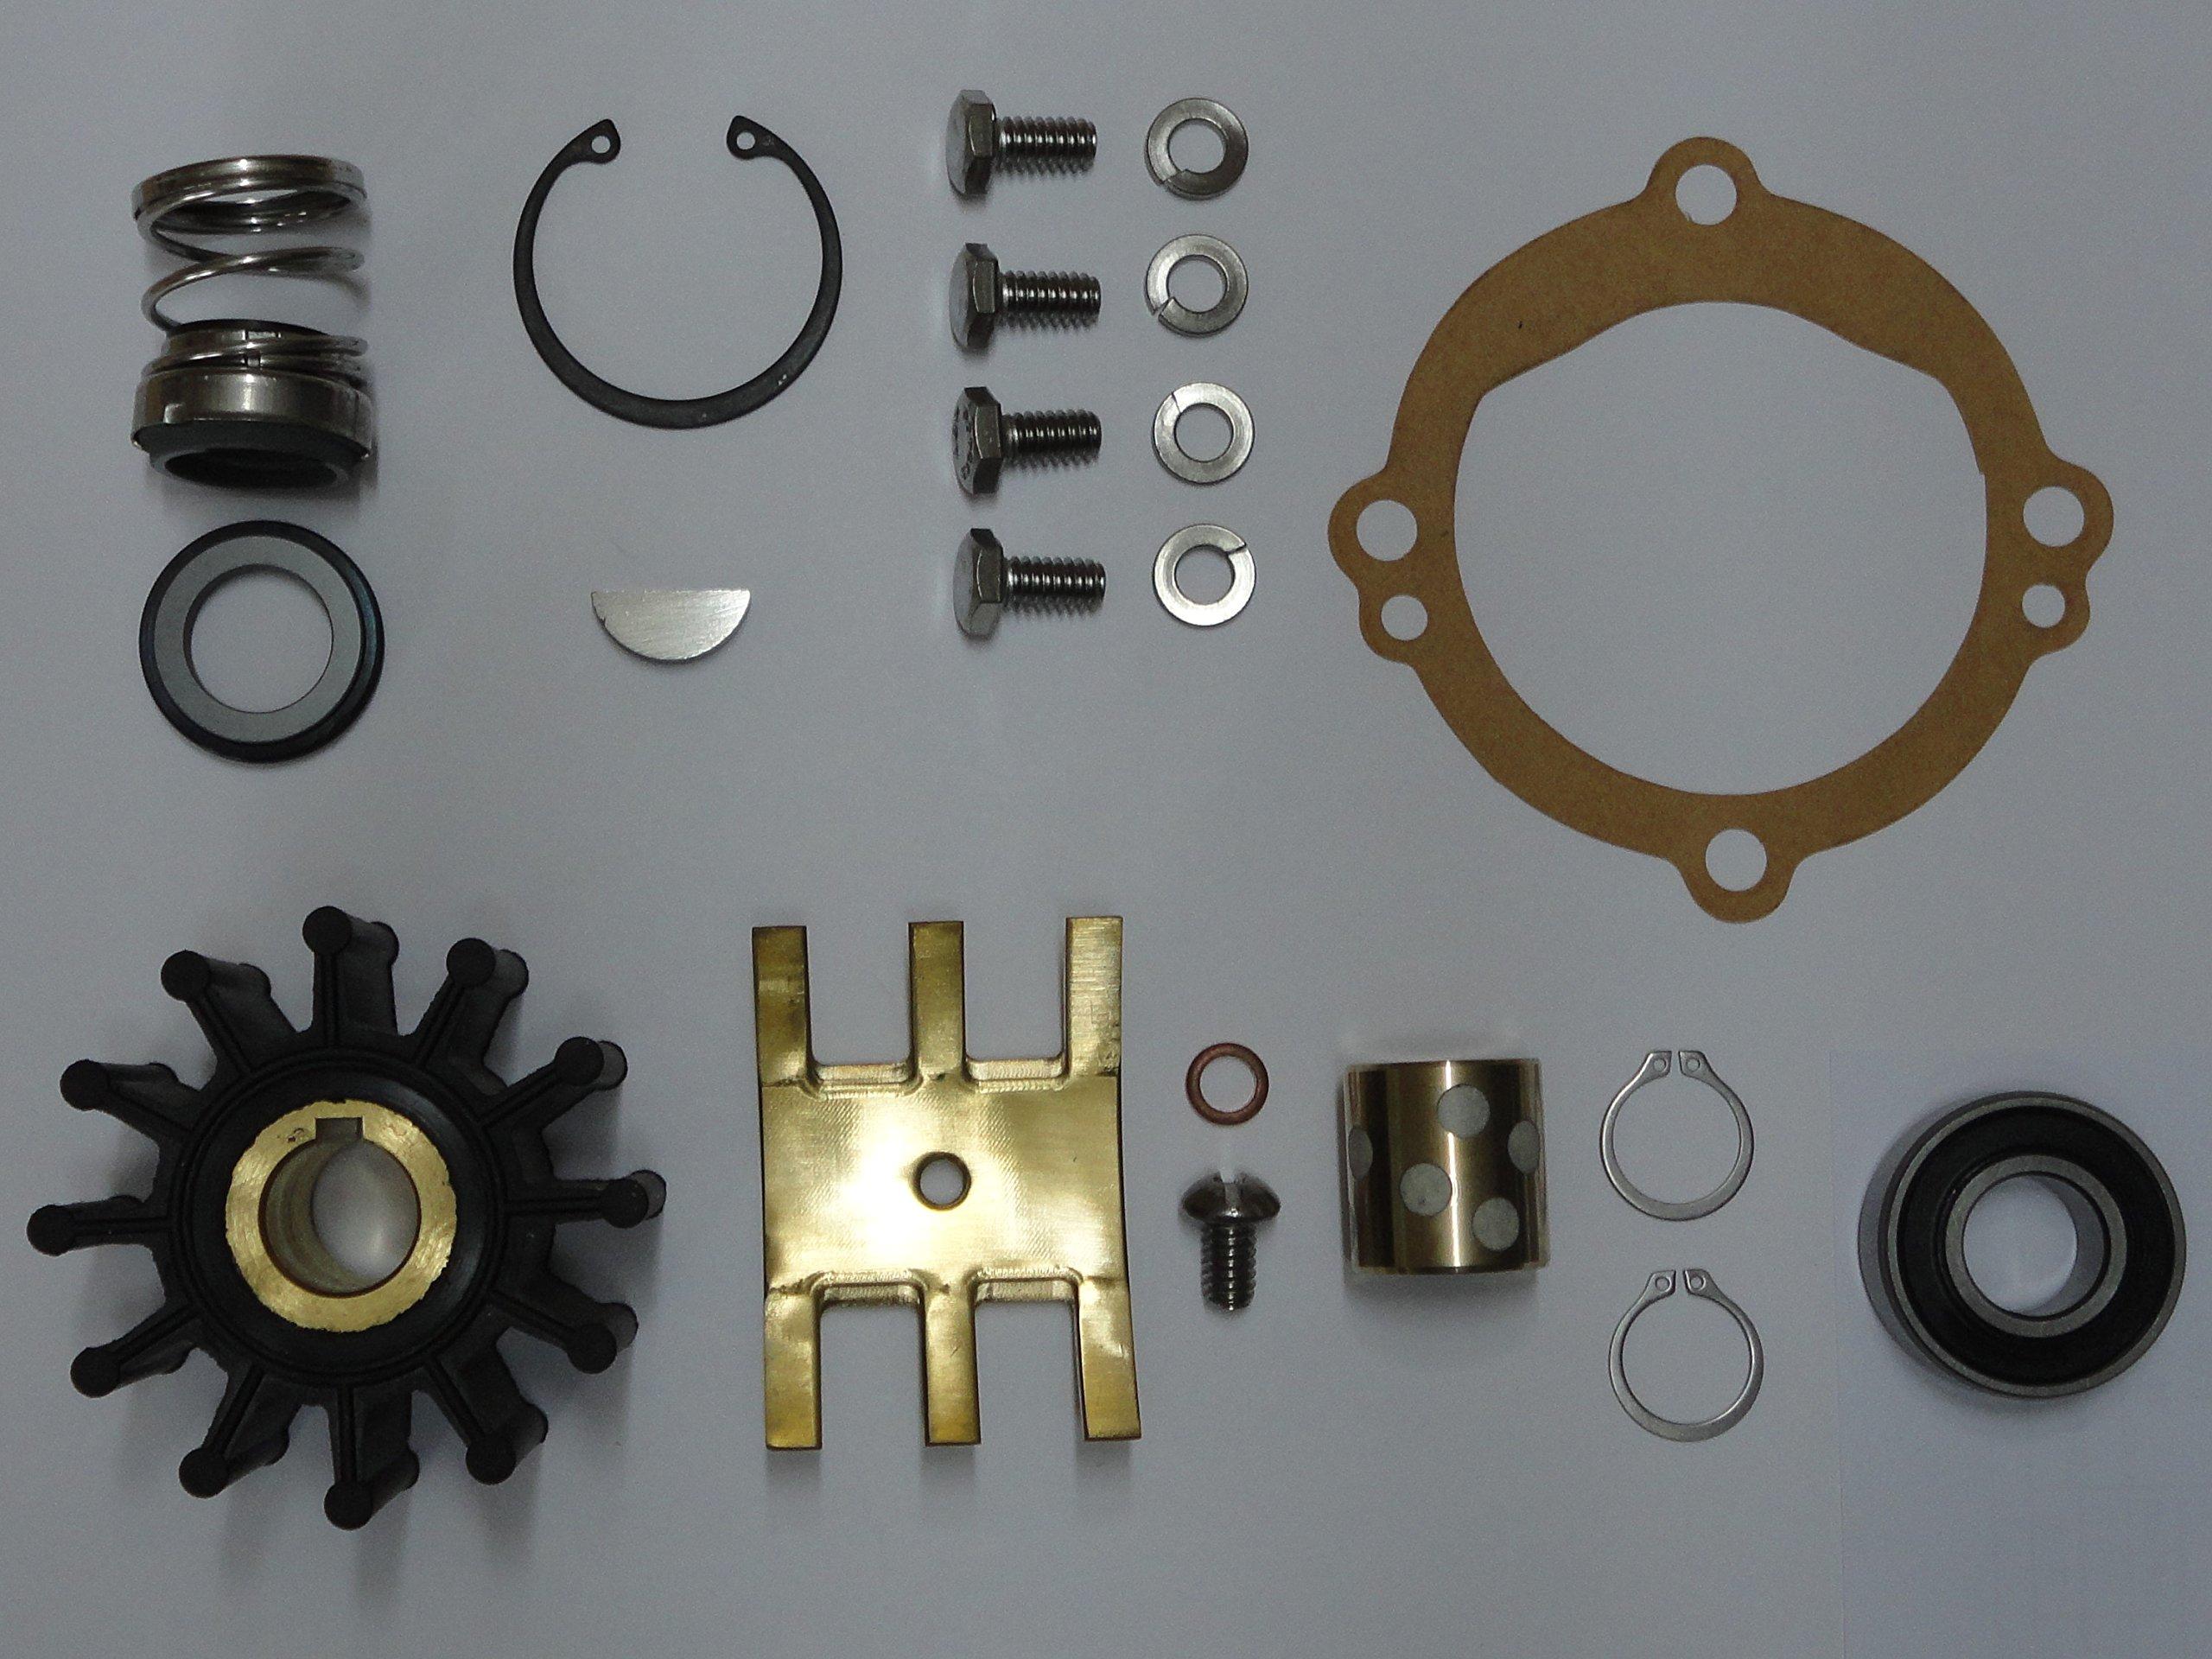 StayCoolPumps Major Repair Kit Replaces Crusader 20311 Sherwood 11068 Water Pump E35 R102 by StayCoolPumps